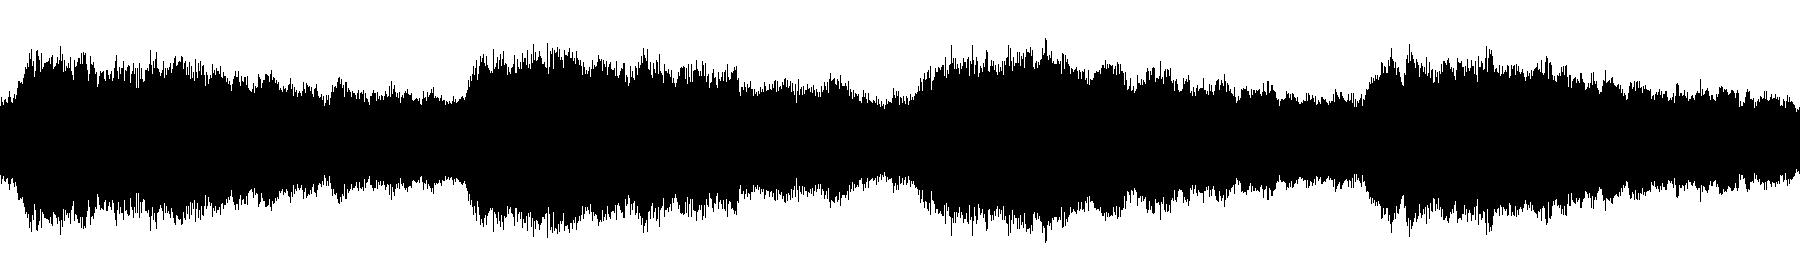 cinematic strings pad